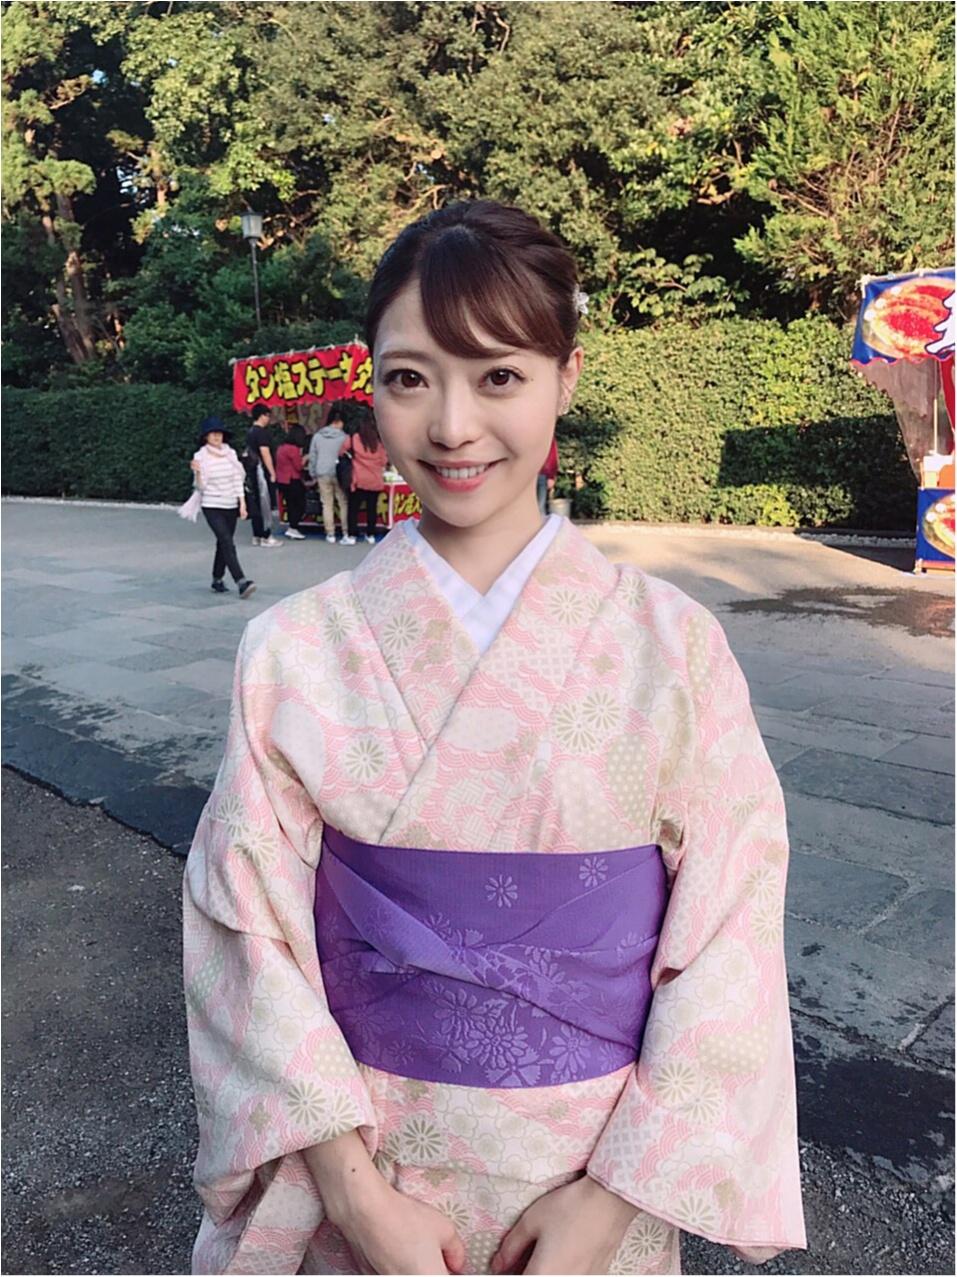 【着物でフォトジェニック!】『今の季節にオススメな』鎌倉で食べ歩きしたい方必見!ご紹介します♡_2